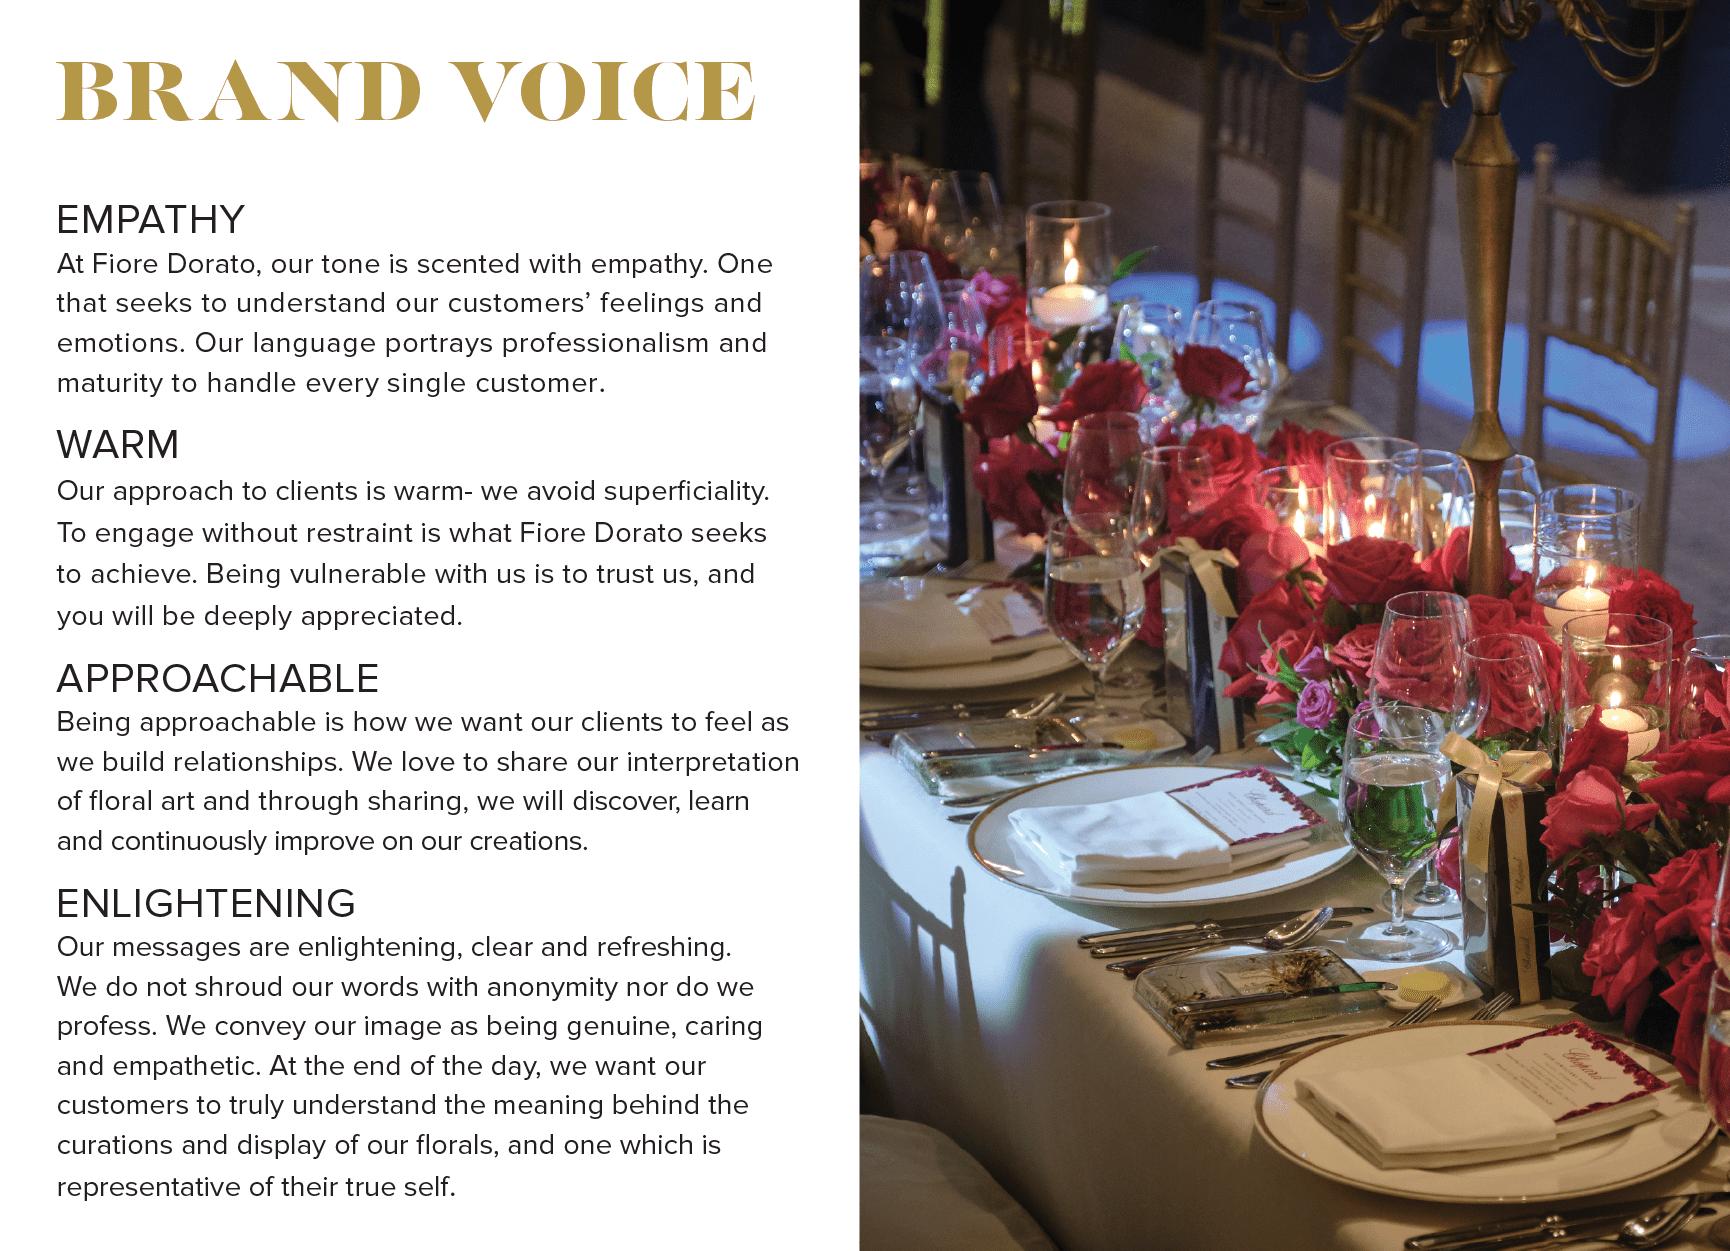 Fiore brand voice